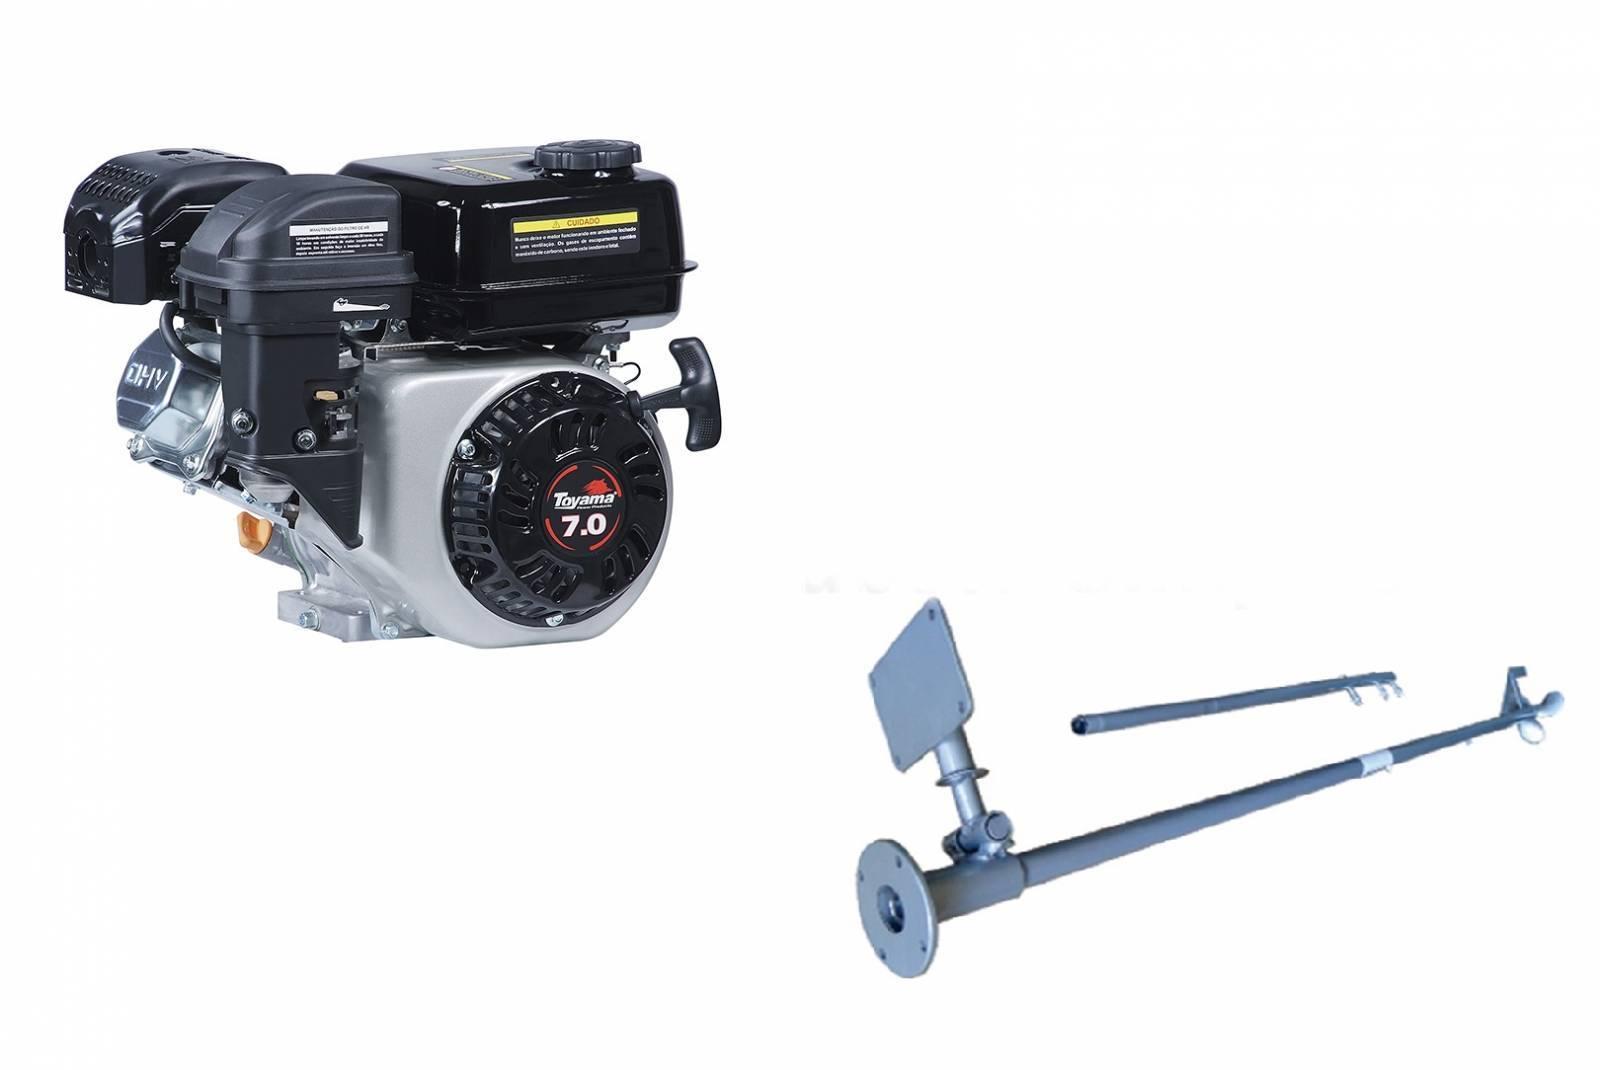 Motor Gasolina 7 hp Rabeta Simples 1,7m - Pesca e Campo